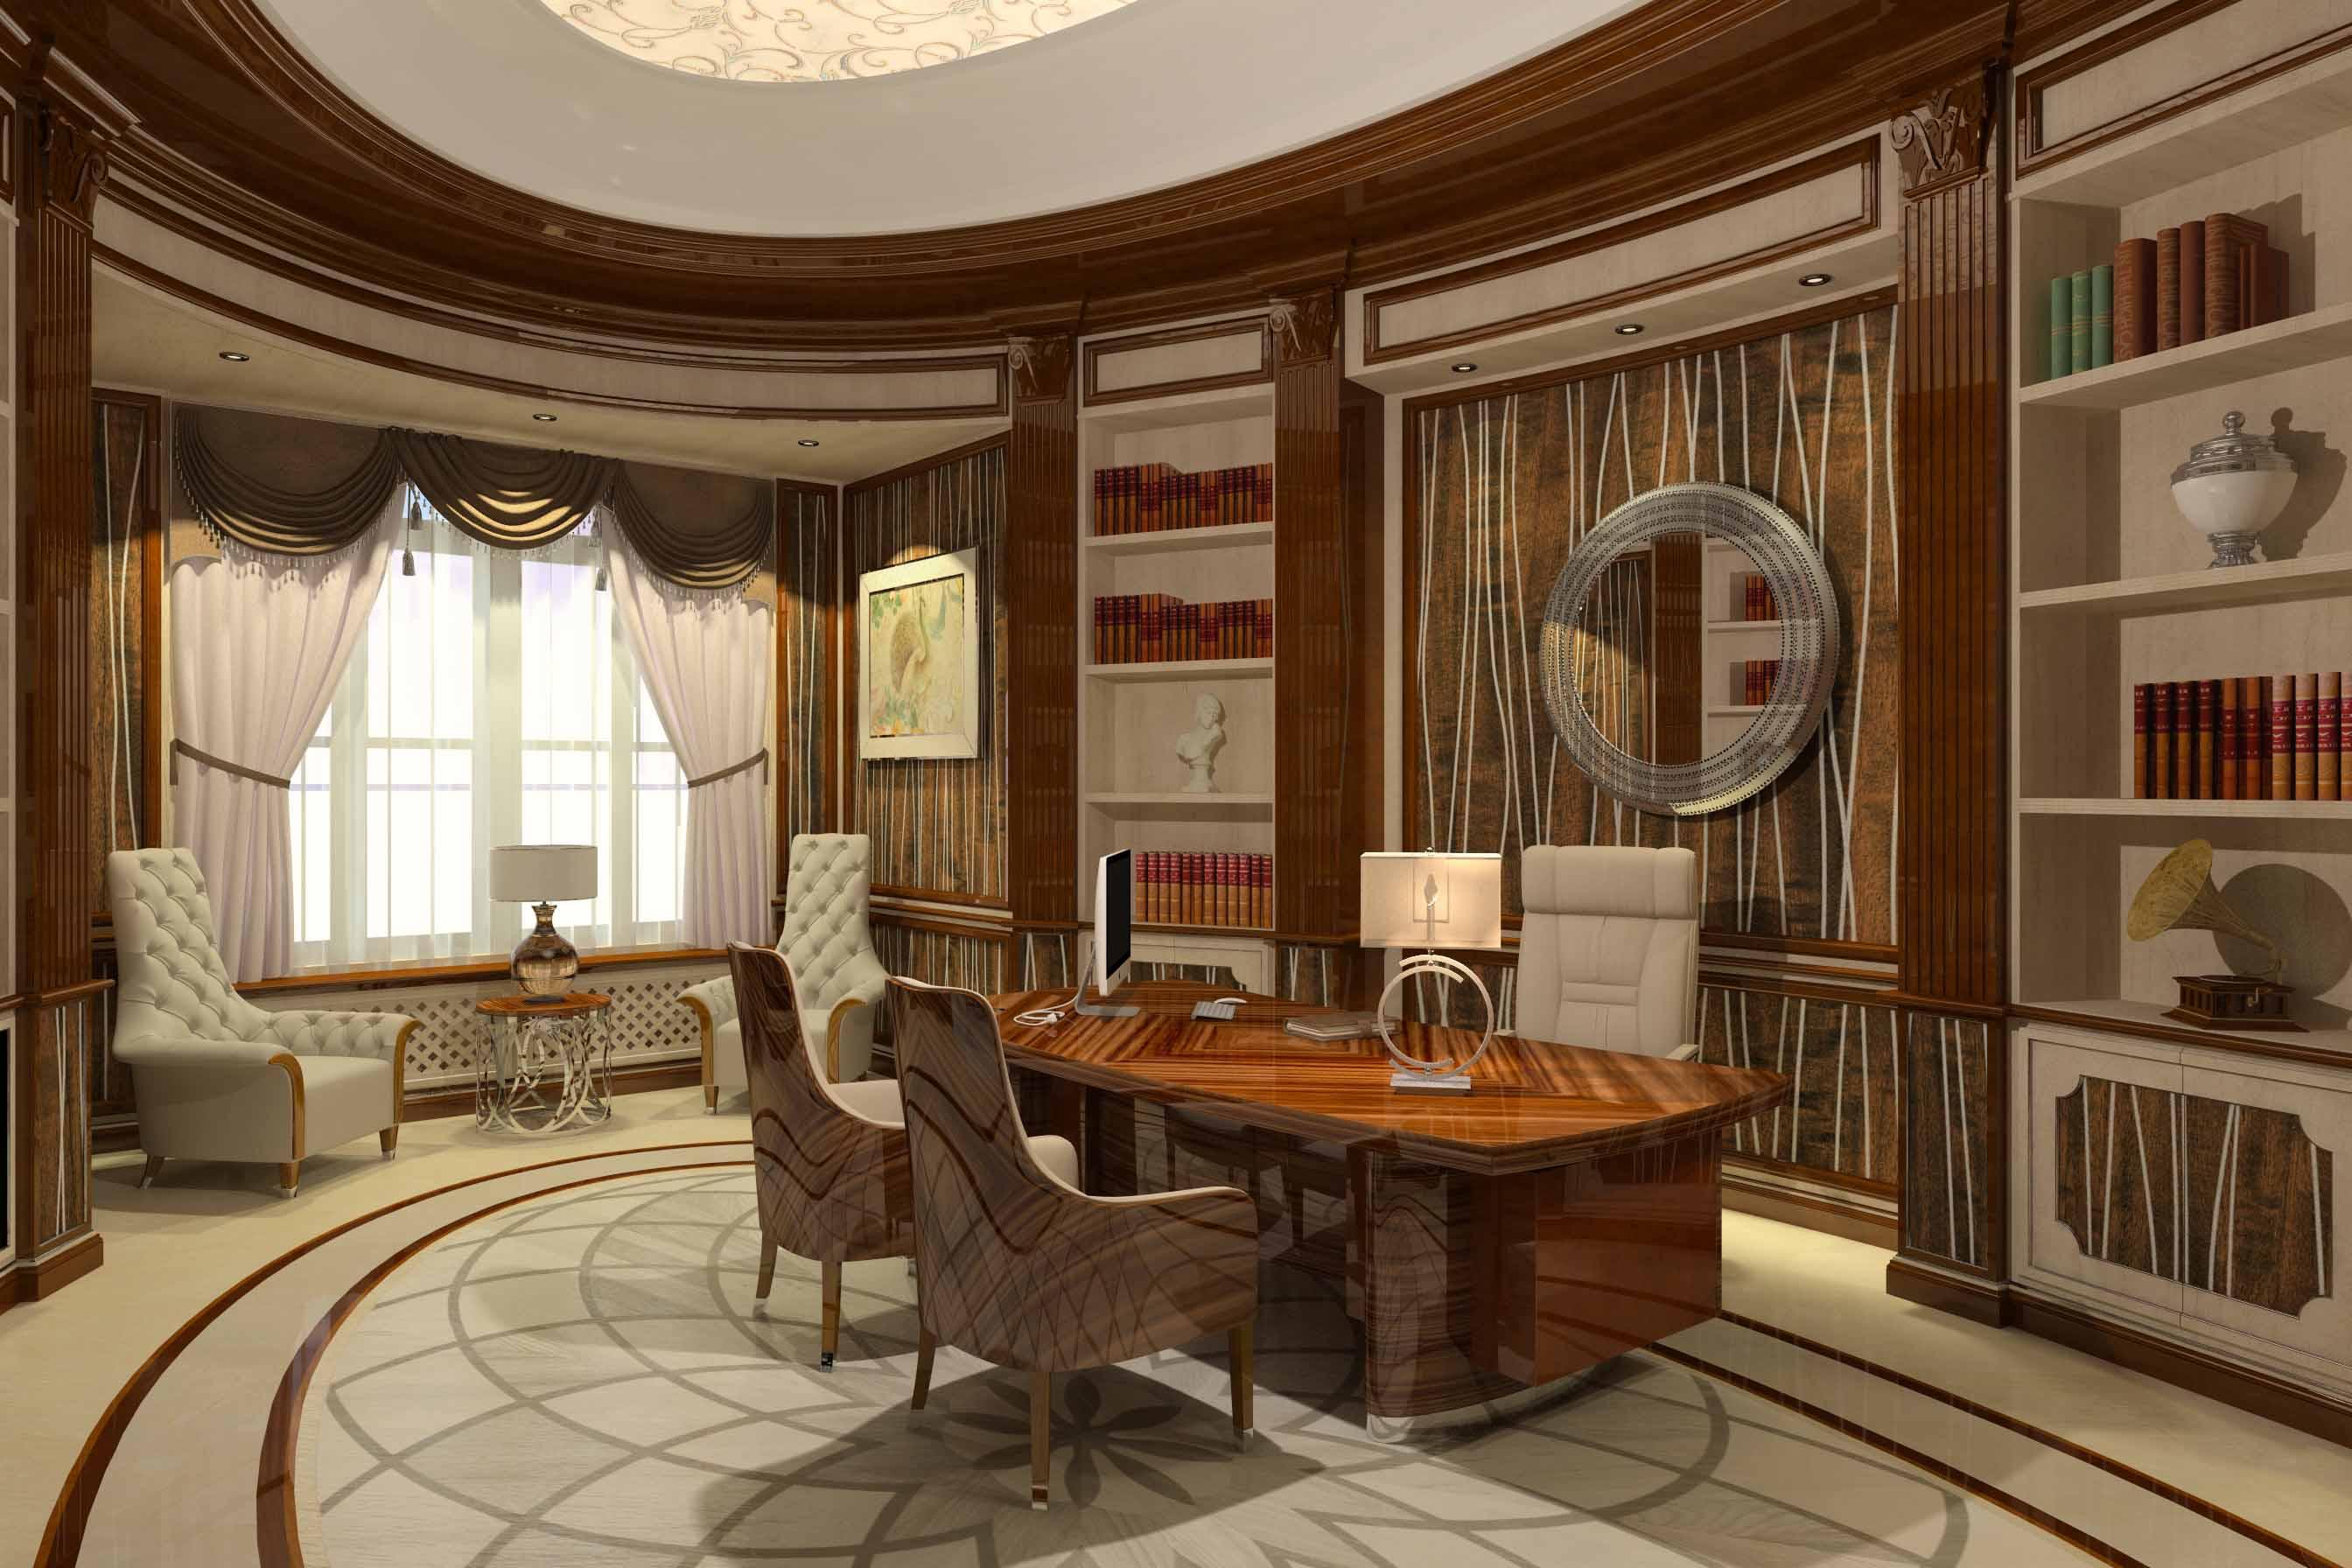 Arredamento e design interni stile italiano italian design for Arredamento interni